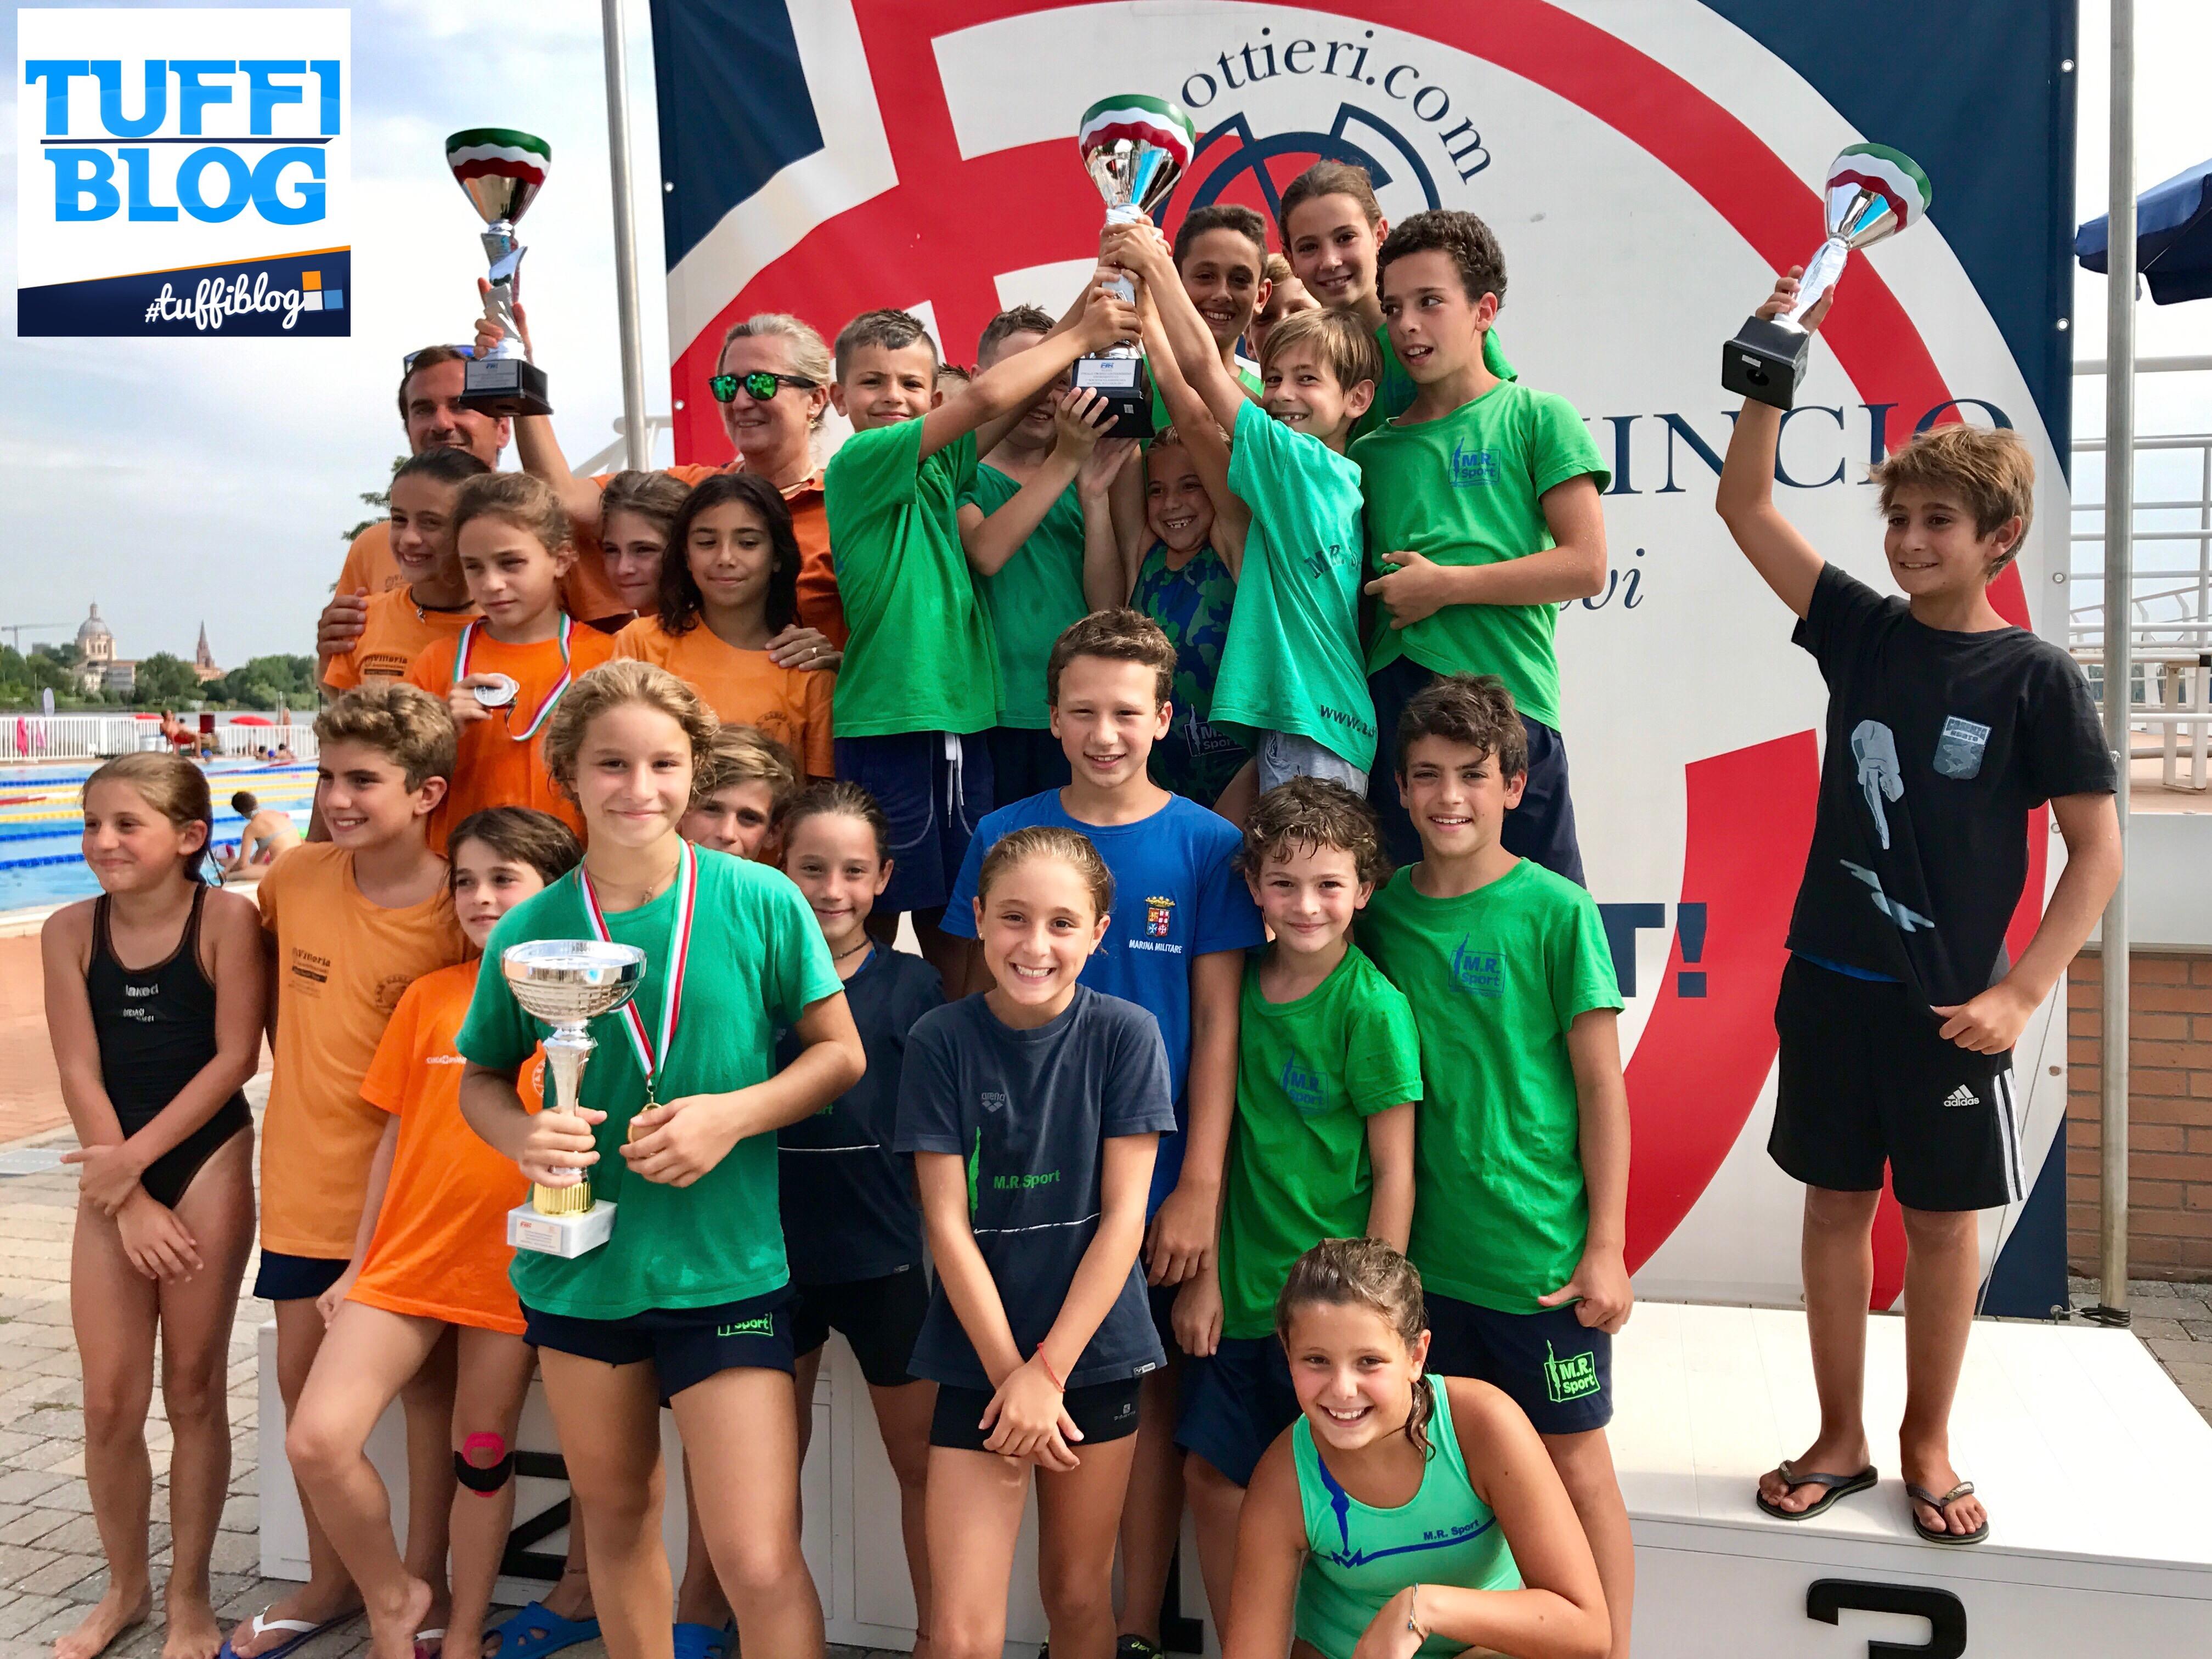 Finale Trofeo Giovanissimi: Mantova - i risultati della 2ª giornata.